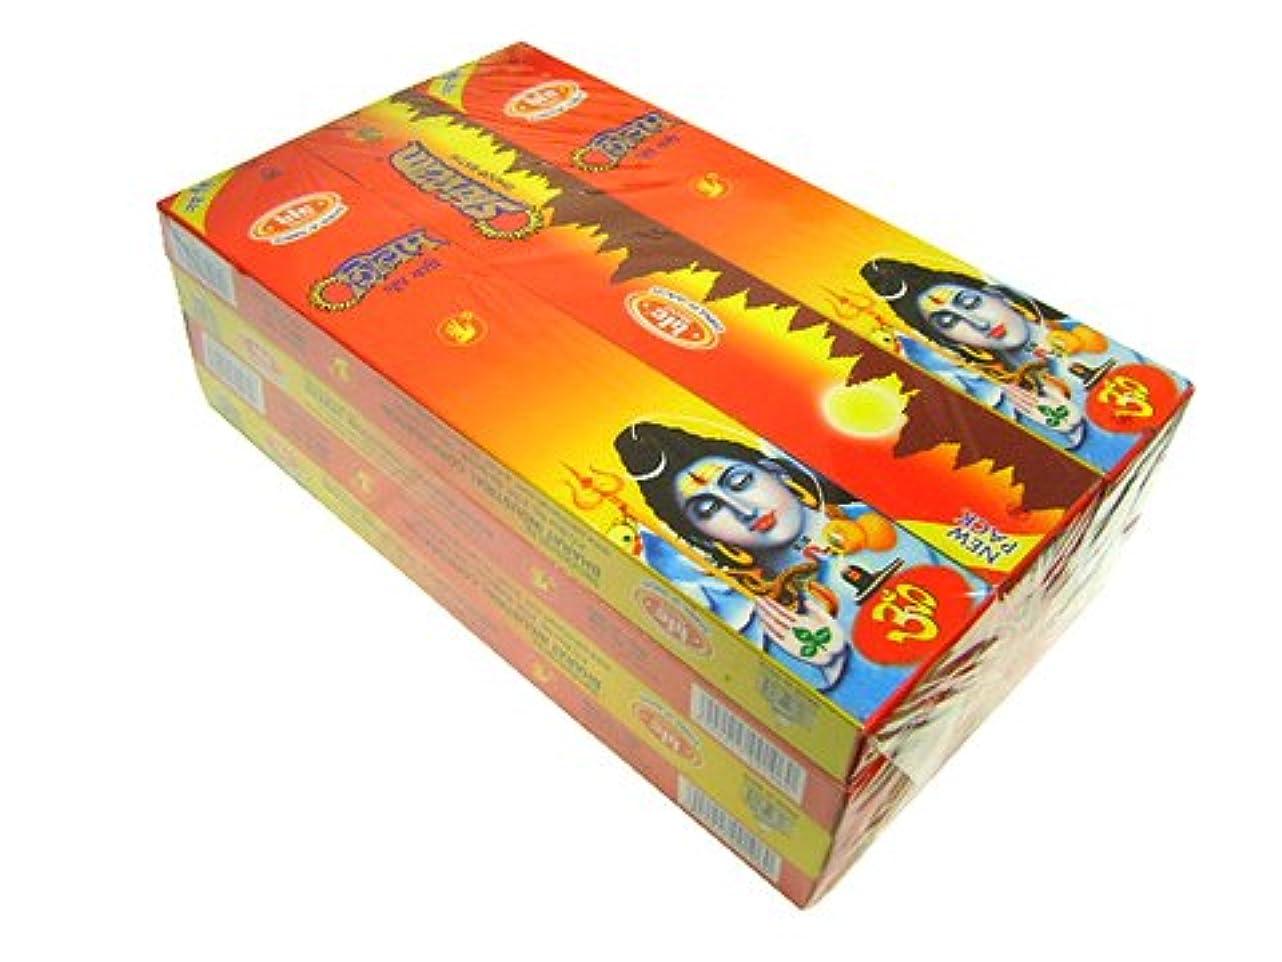 マルクス主義動詞フルーティーBIC(ビック) シヴァム香(レギュラーボックス) スティック SHIVAM REG BOX 12箱セット